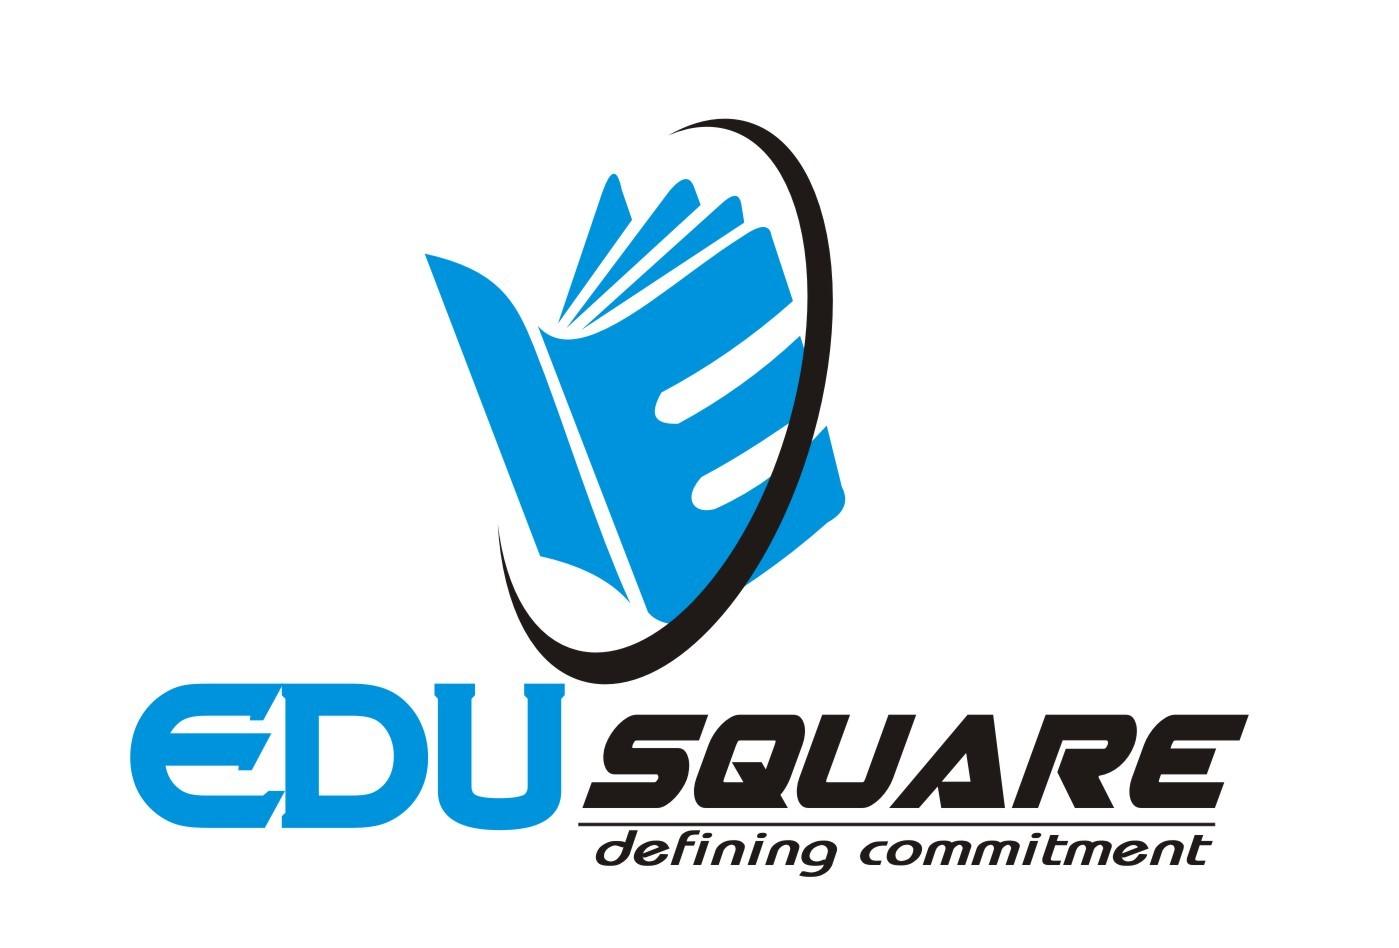 Edu Square